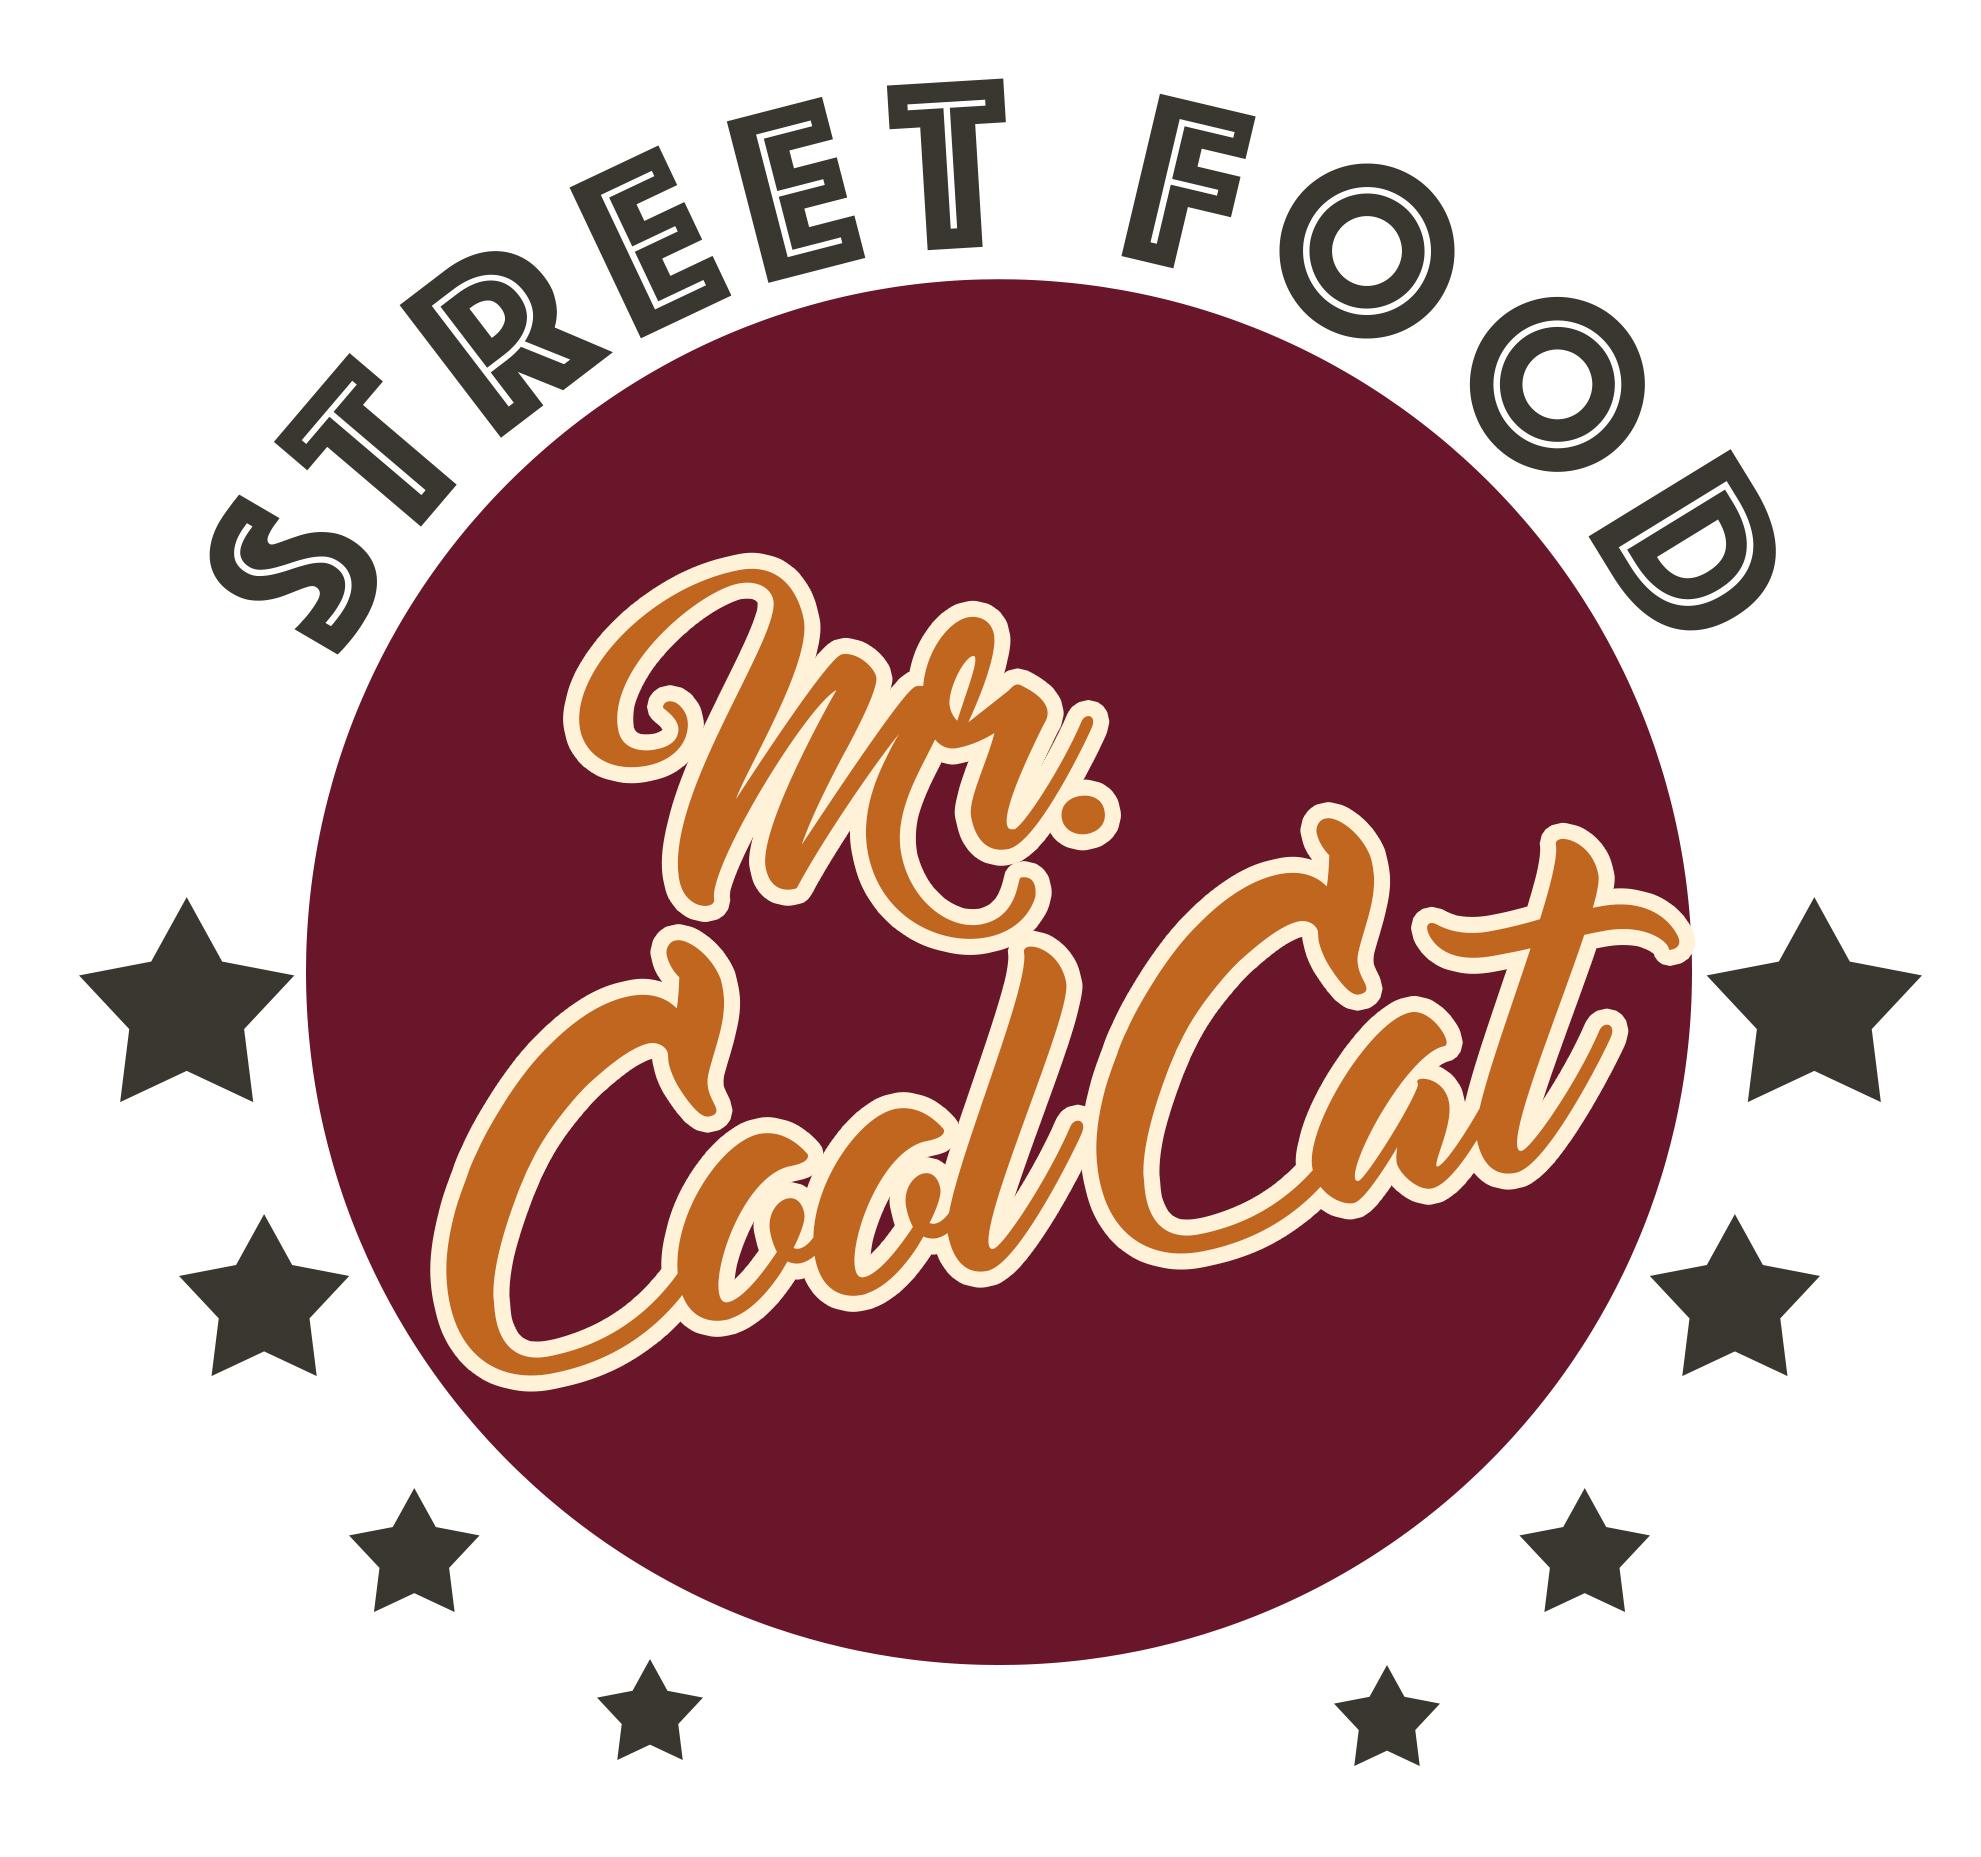 Mr. Cool Cat Street Food